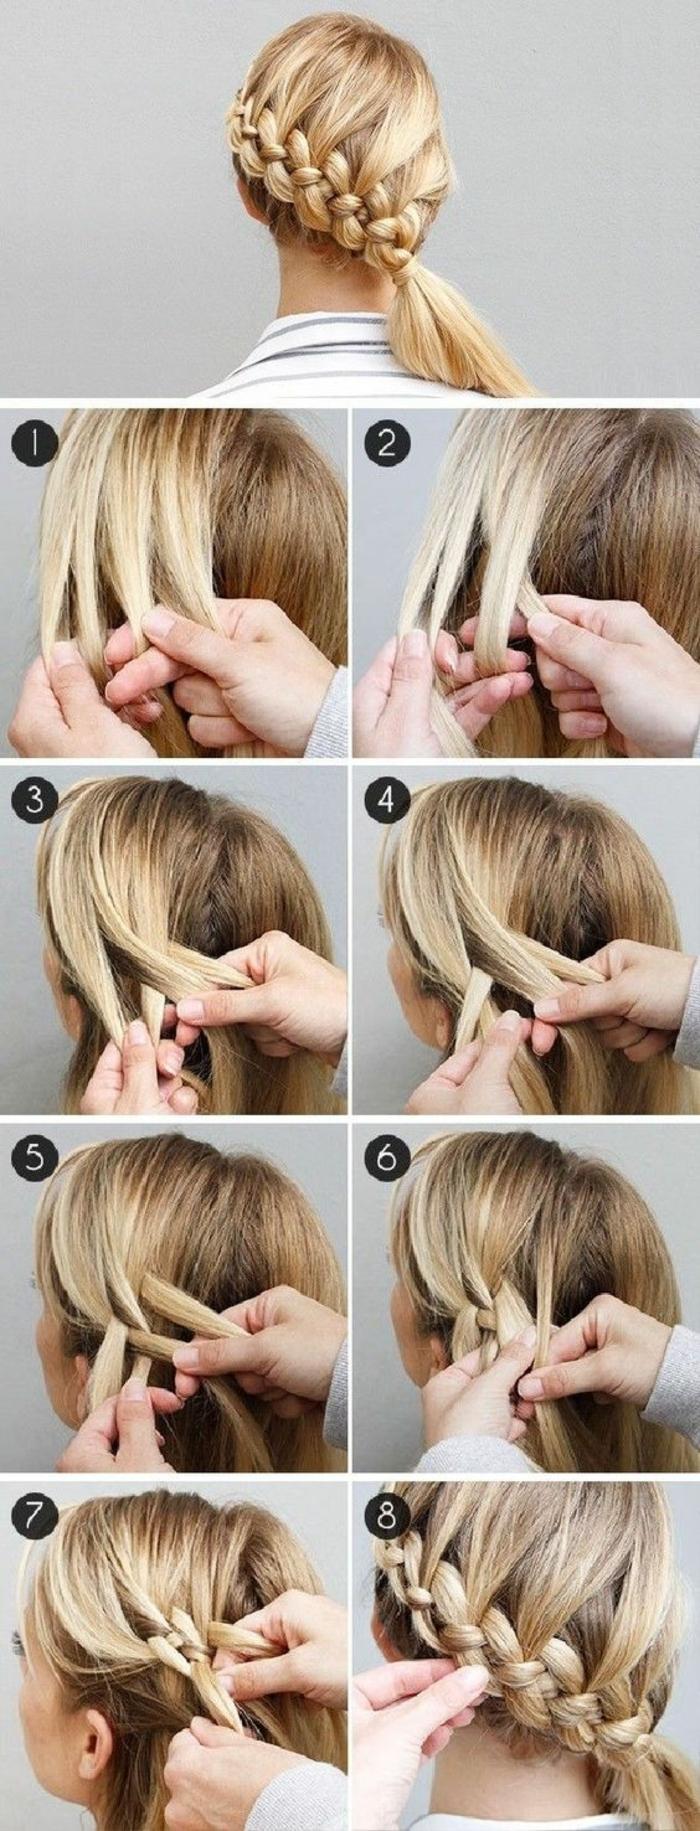 tutoriel tresse à quatre brins asymétriques, réalisation étape par étape, comment faire une tresse tutoriel